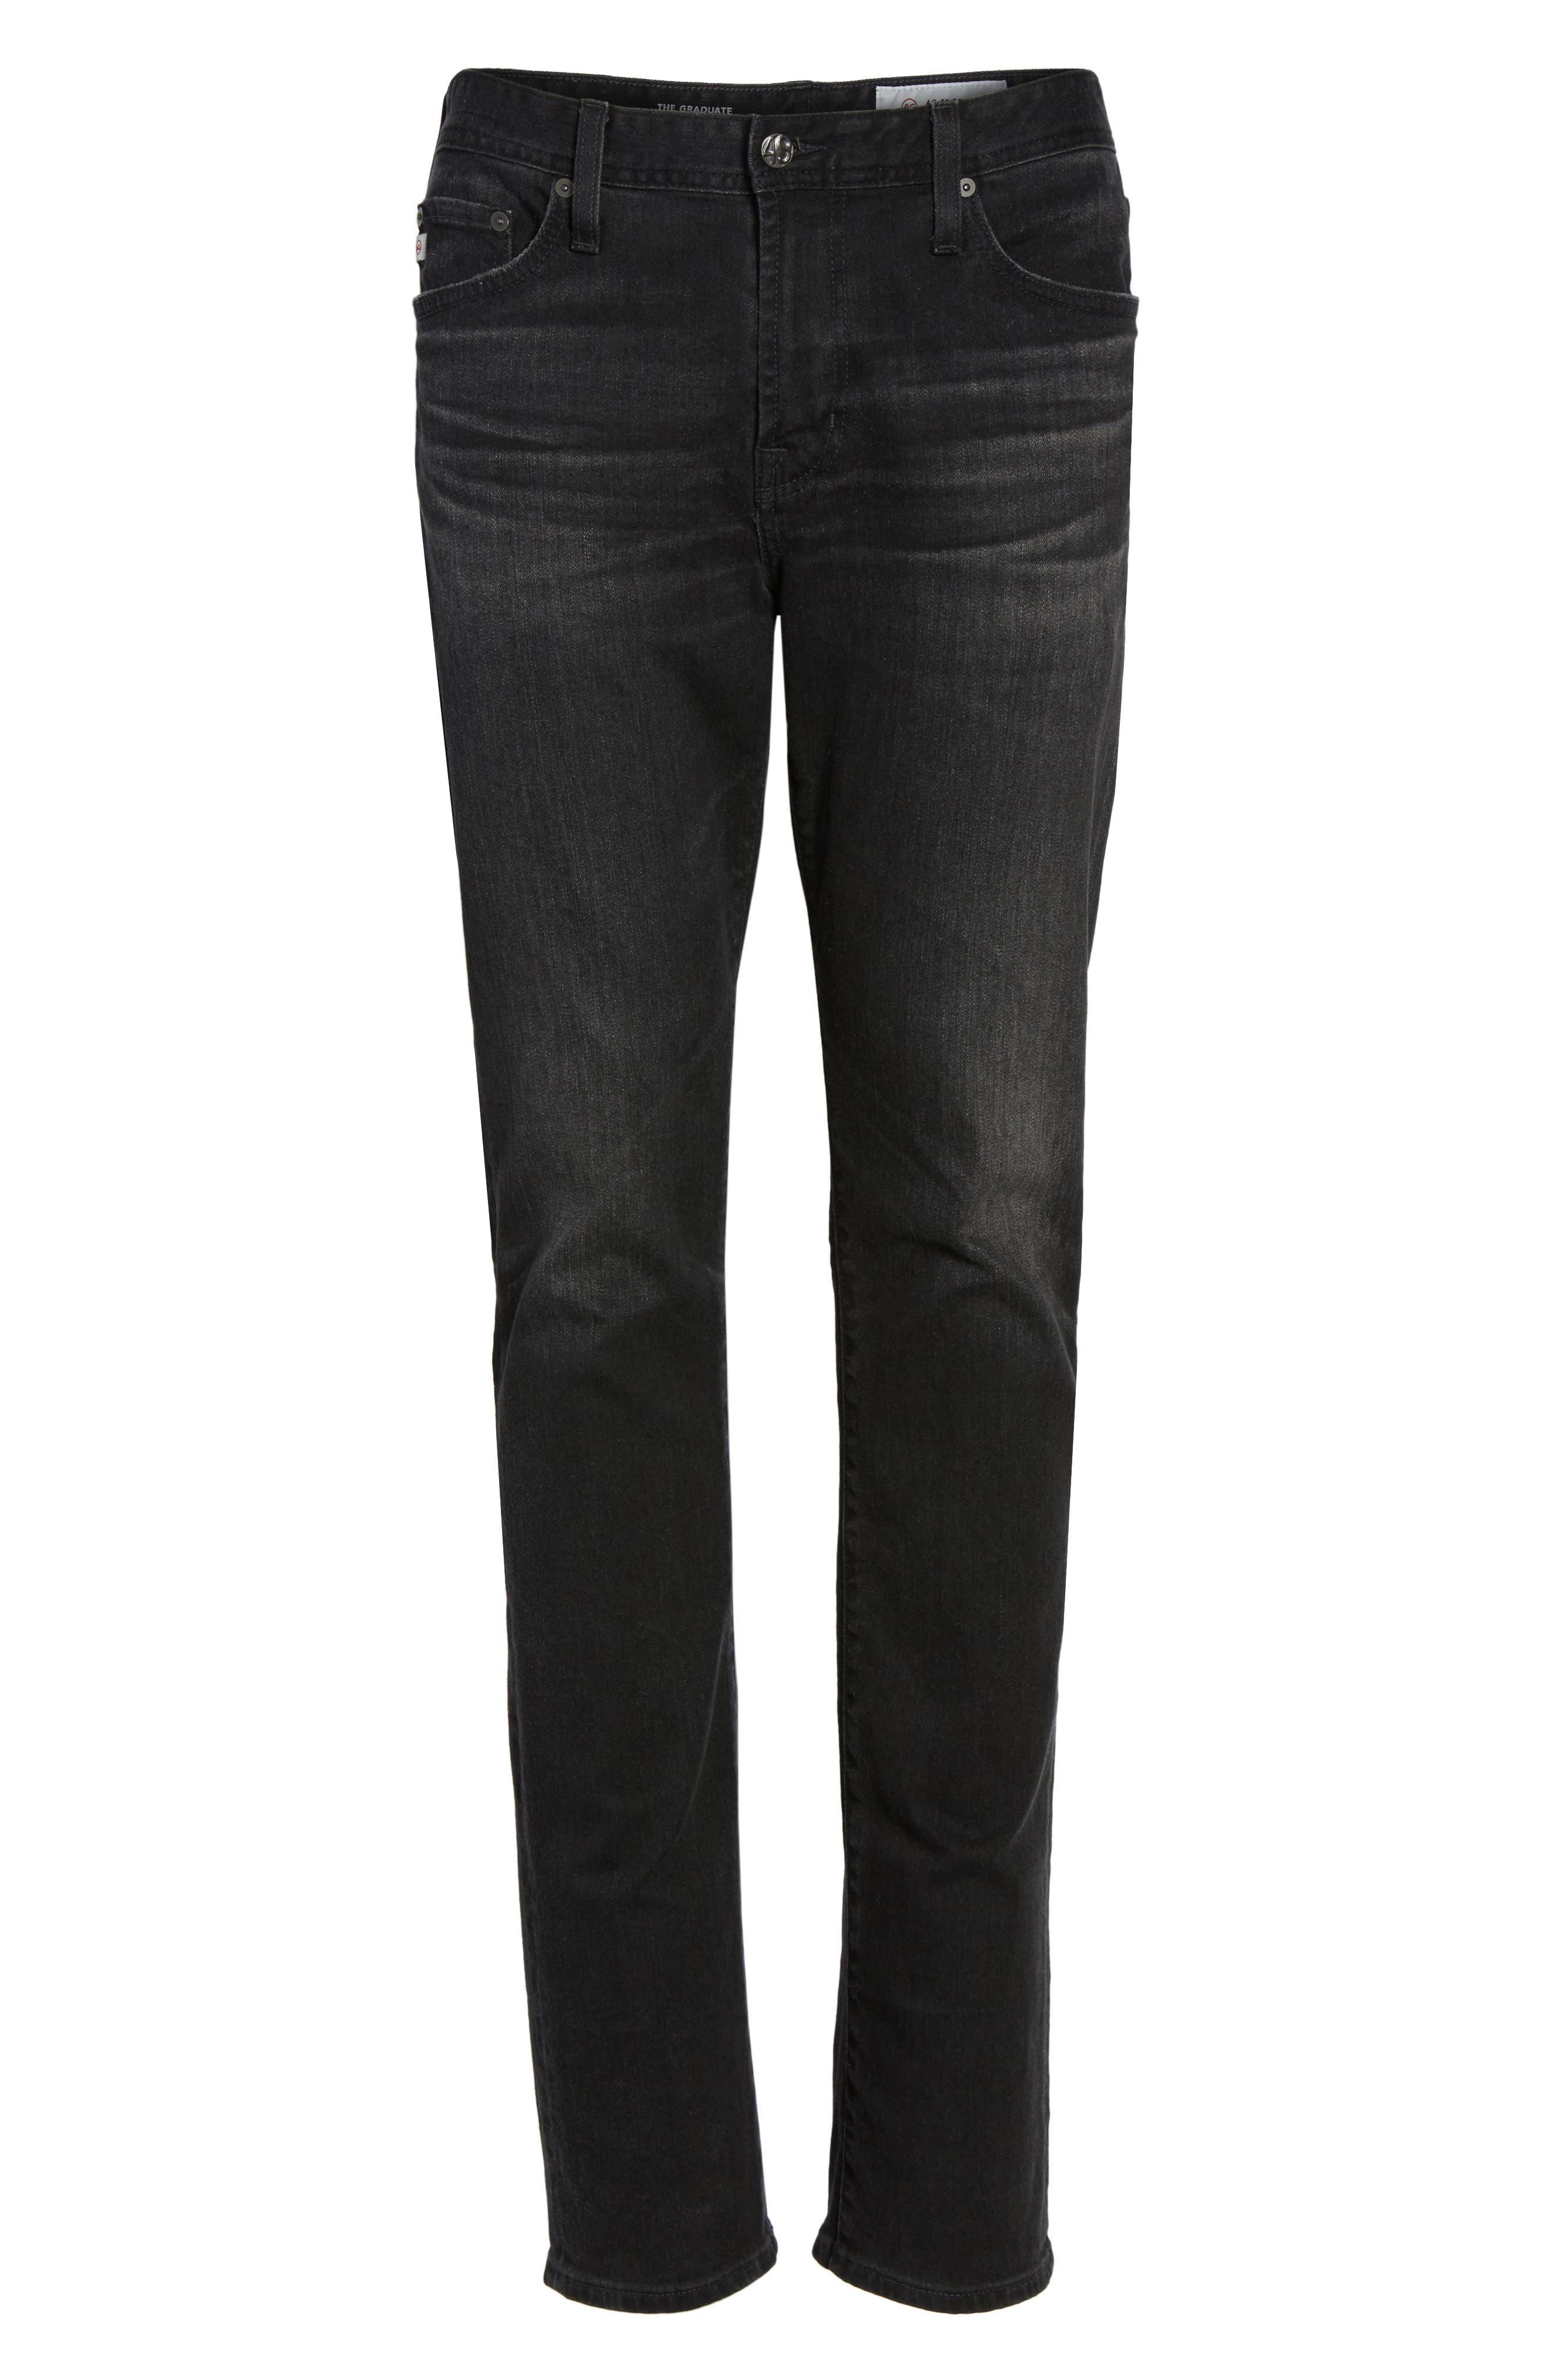 Everett Slim Straight Leg Jeans,                             Alternate thumbnail 7, color,                             4 Years Down